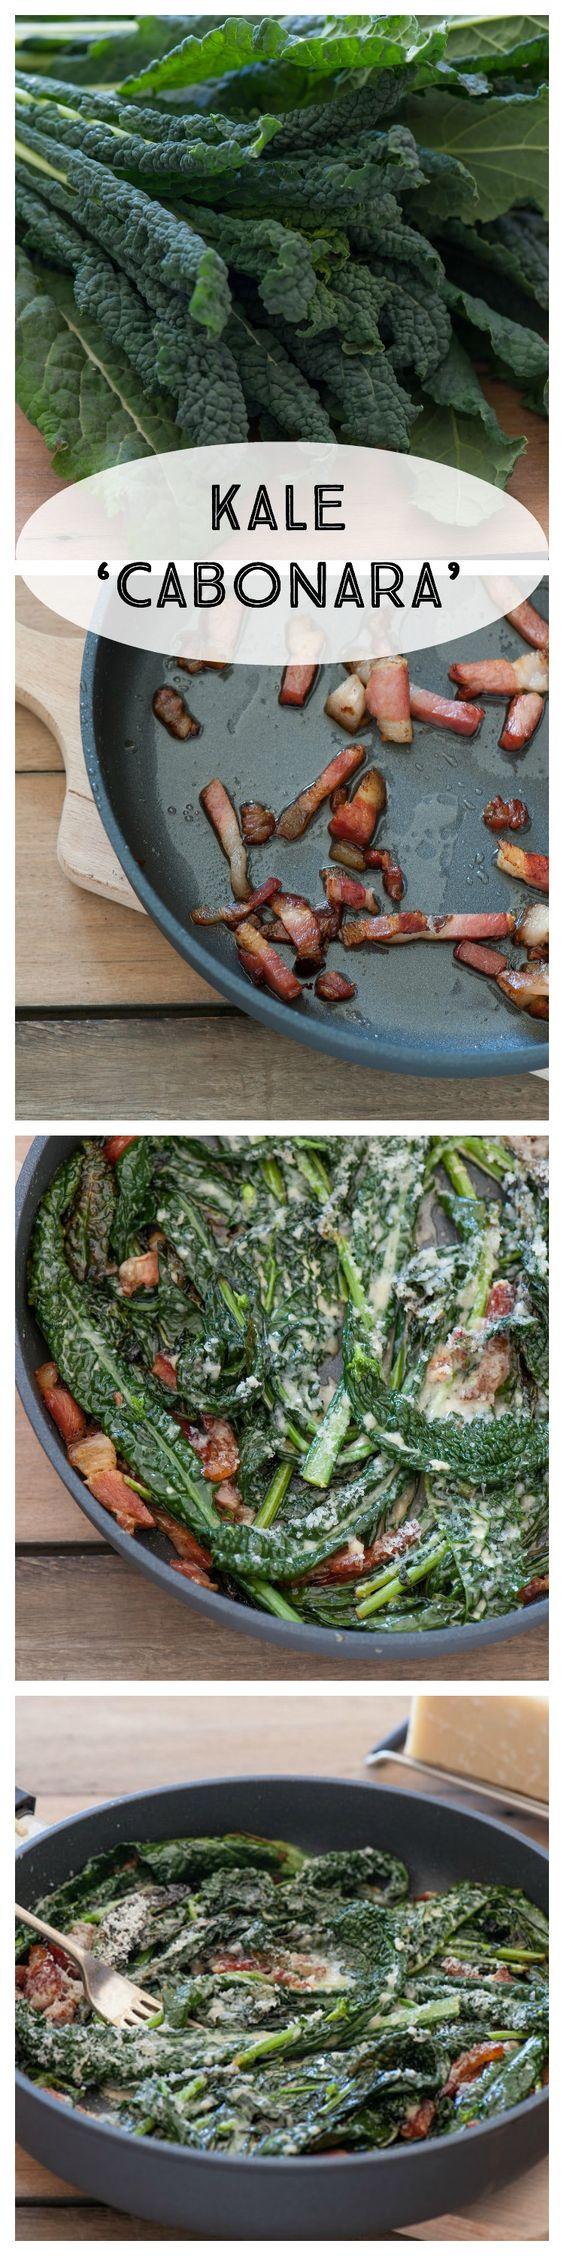 Kale Carbonara by thestonesoup: 5 Ingredients #Kale